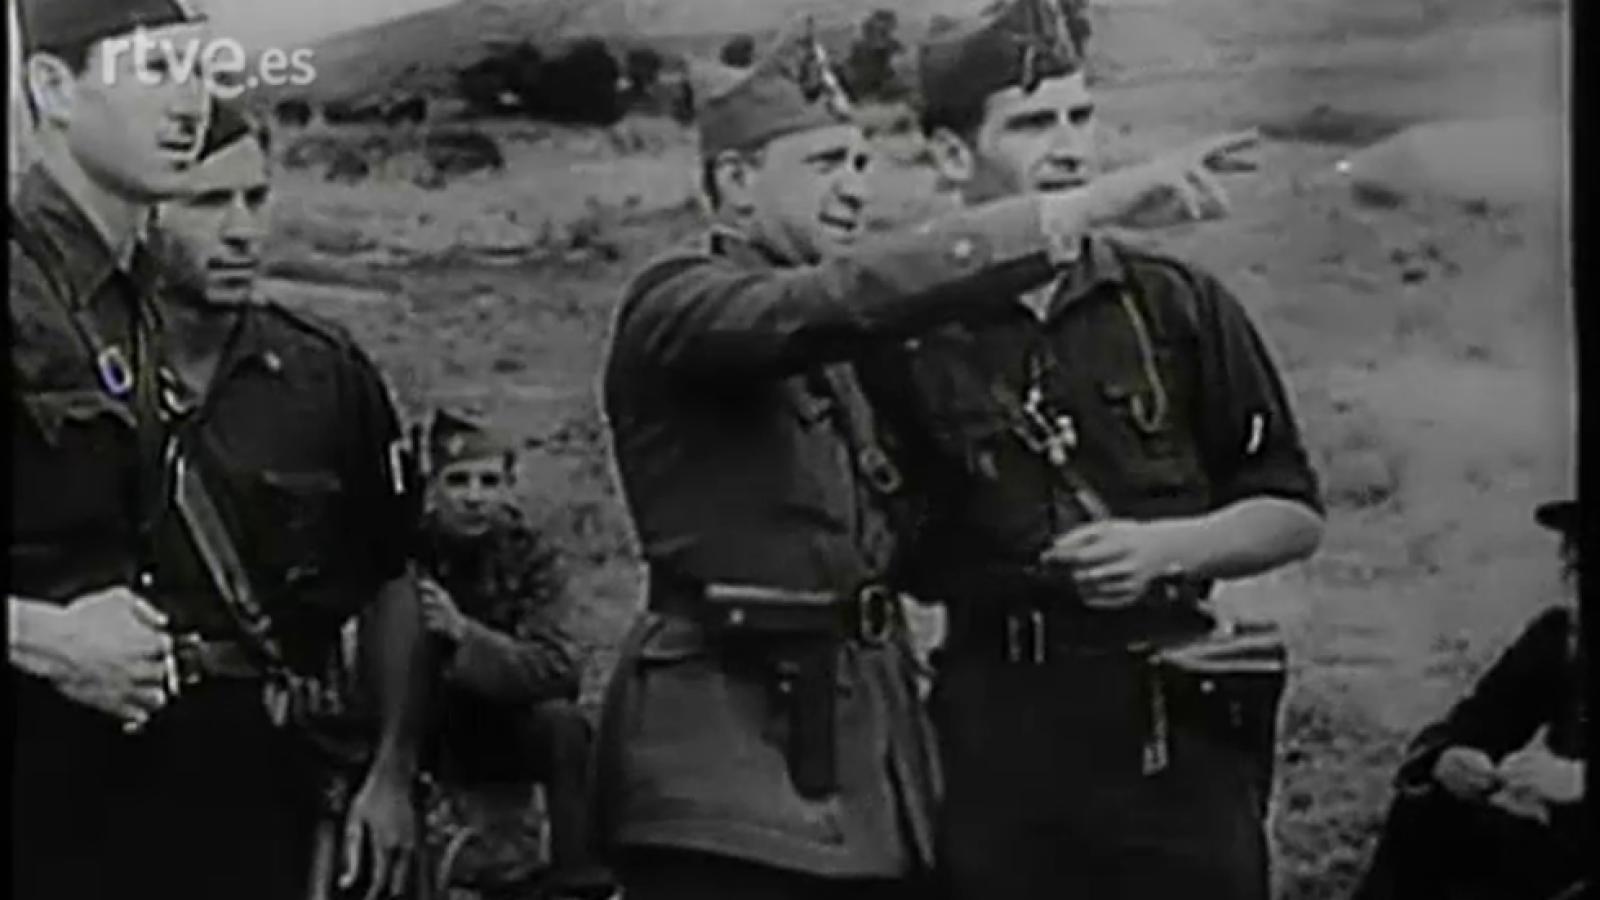 La guerra filmada - La España Sublevada